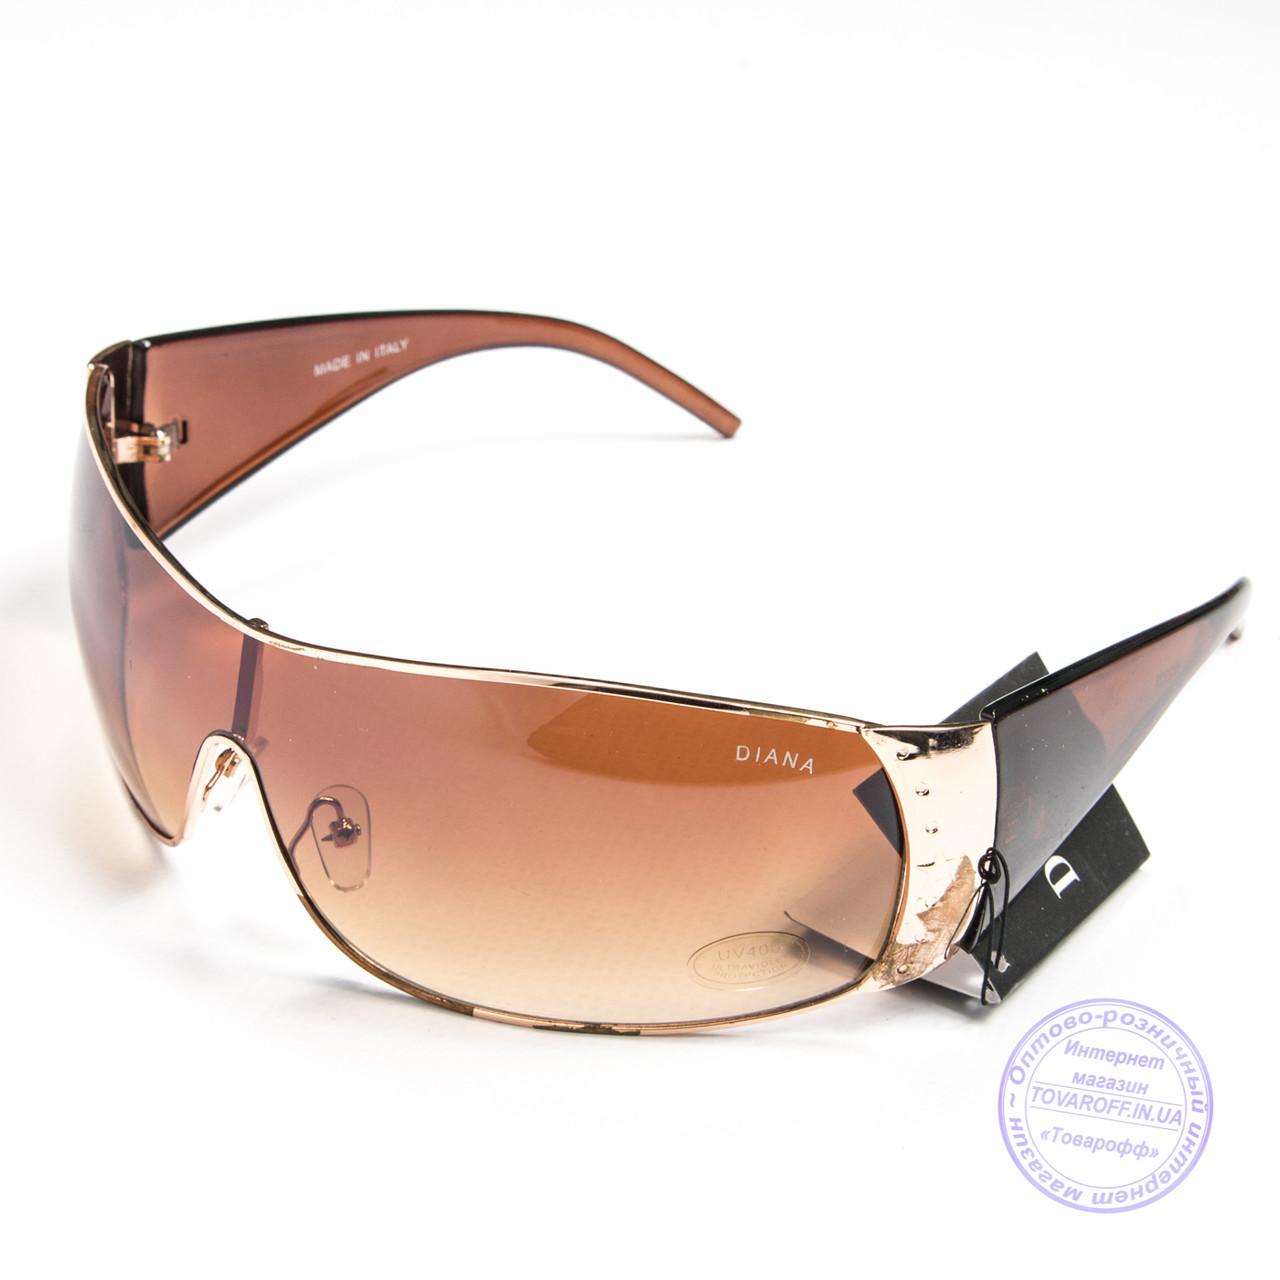 8bd62d993d1f Мешочки для очков оптом в категории солнцезащитные очки в Украине. Сравнить  цены, купить потребительские товары на маркетплейсе Prom.ua